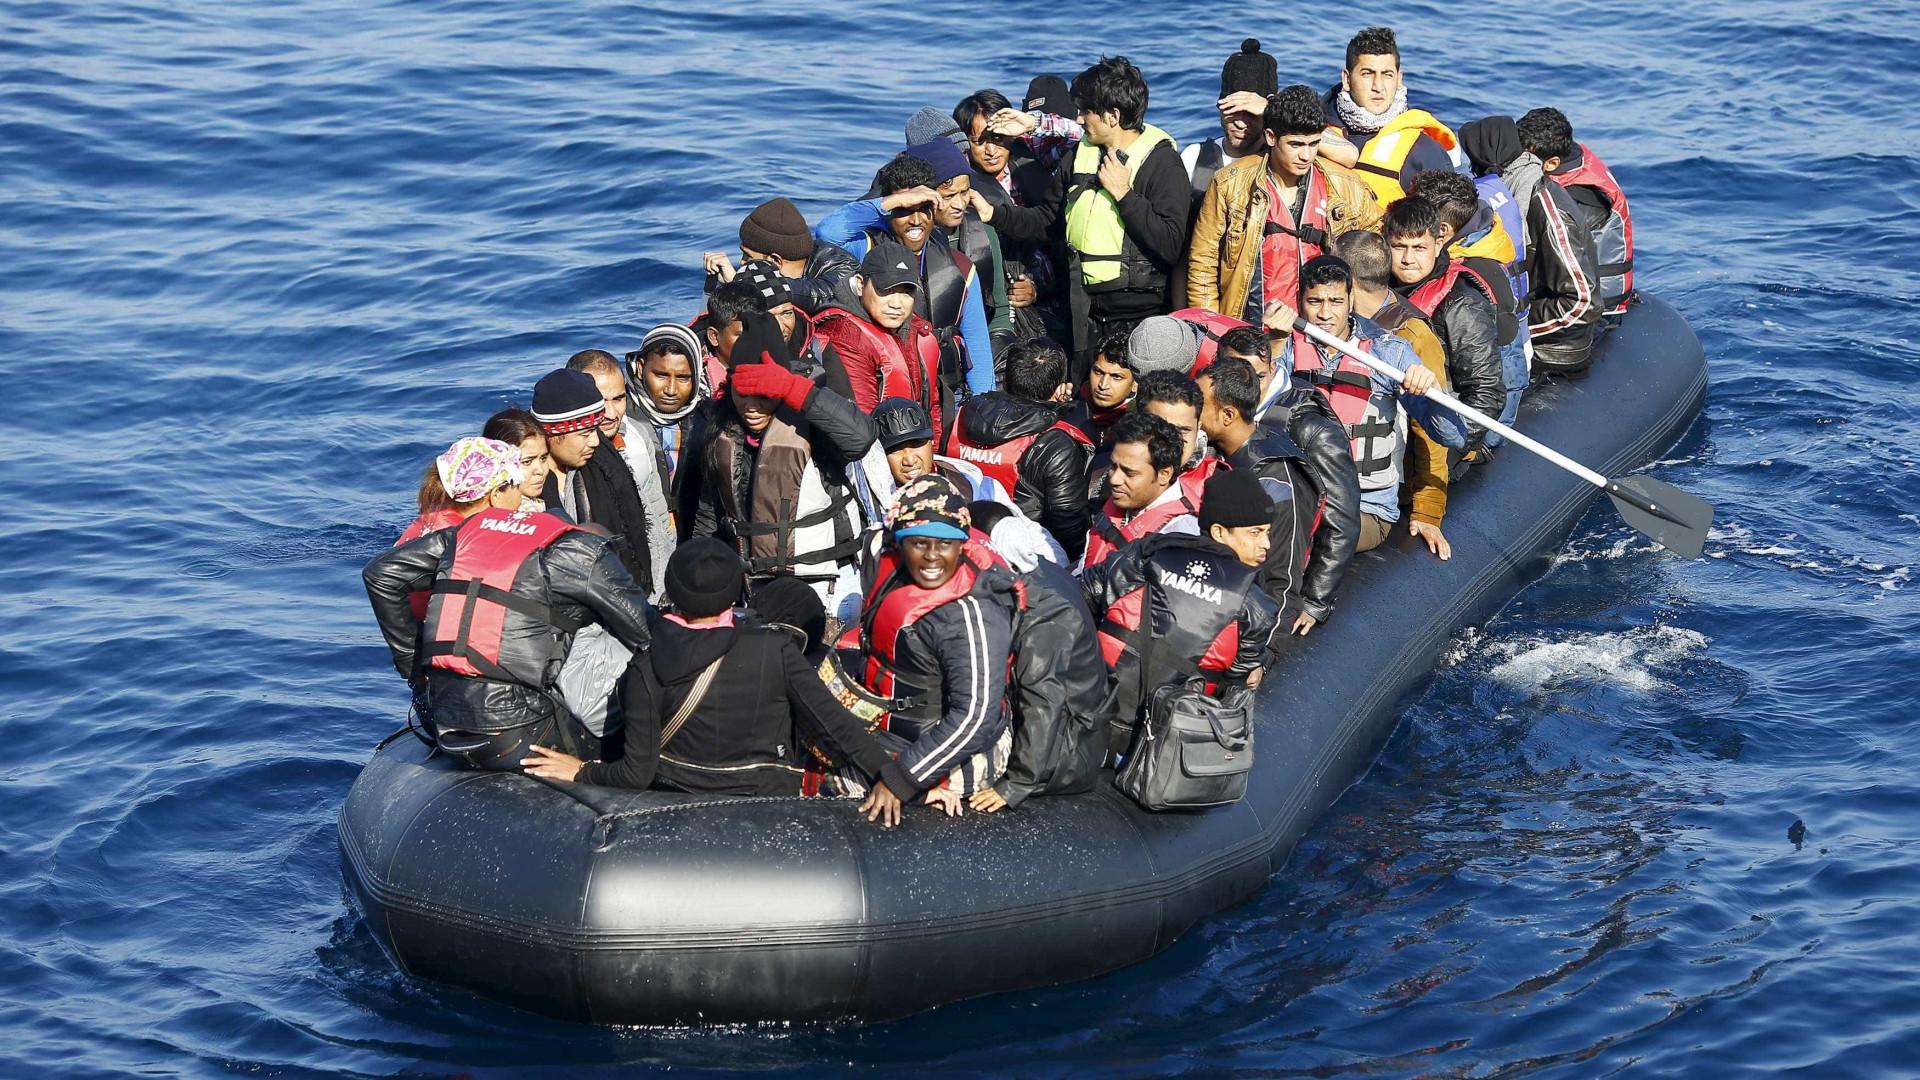 Em sete meses, a Polícia Marítima salvou 989 migrantes na Grécia